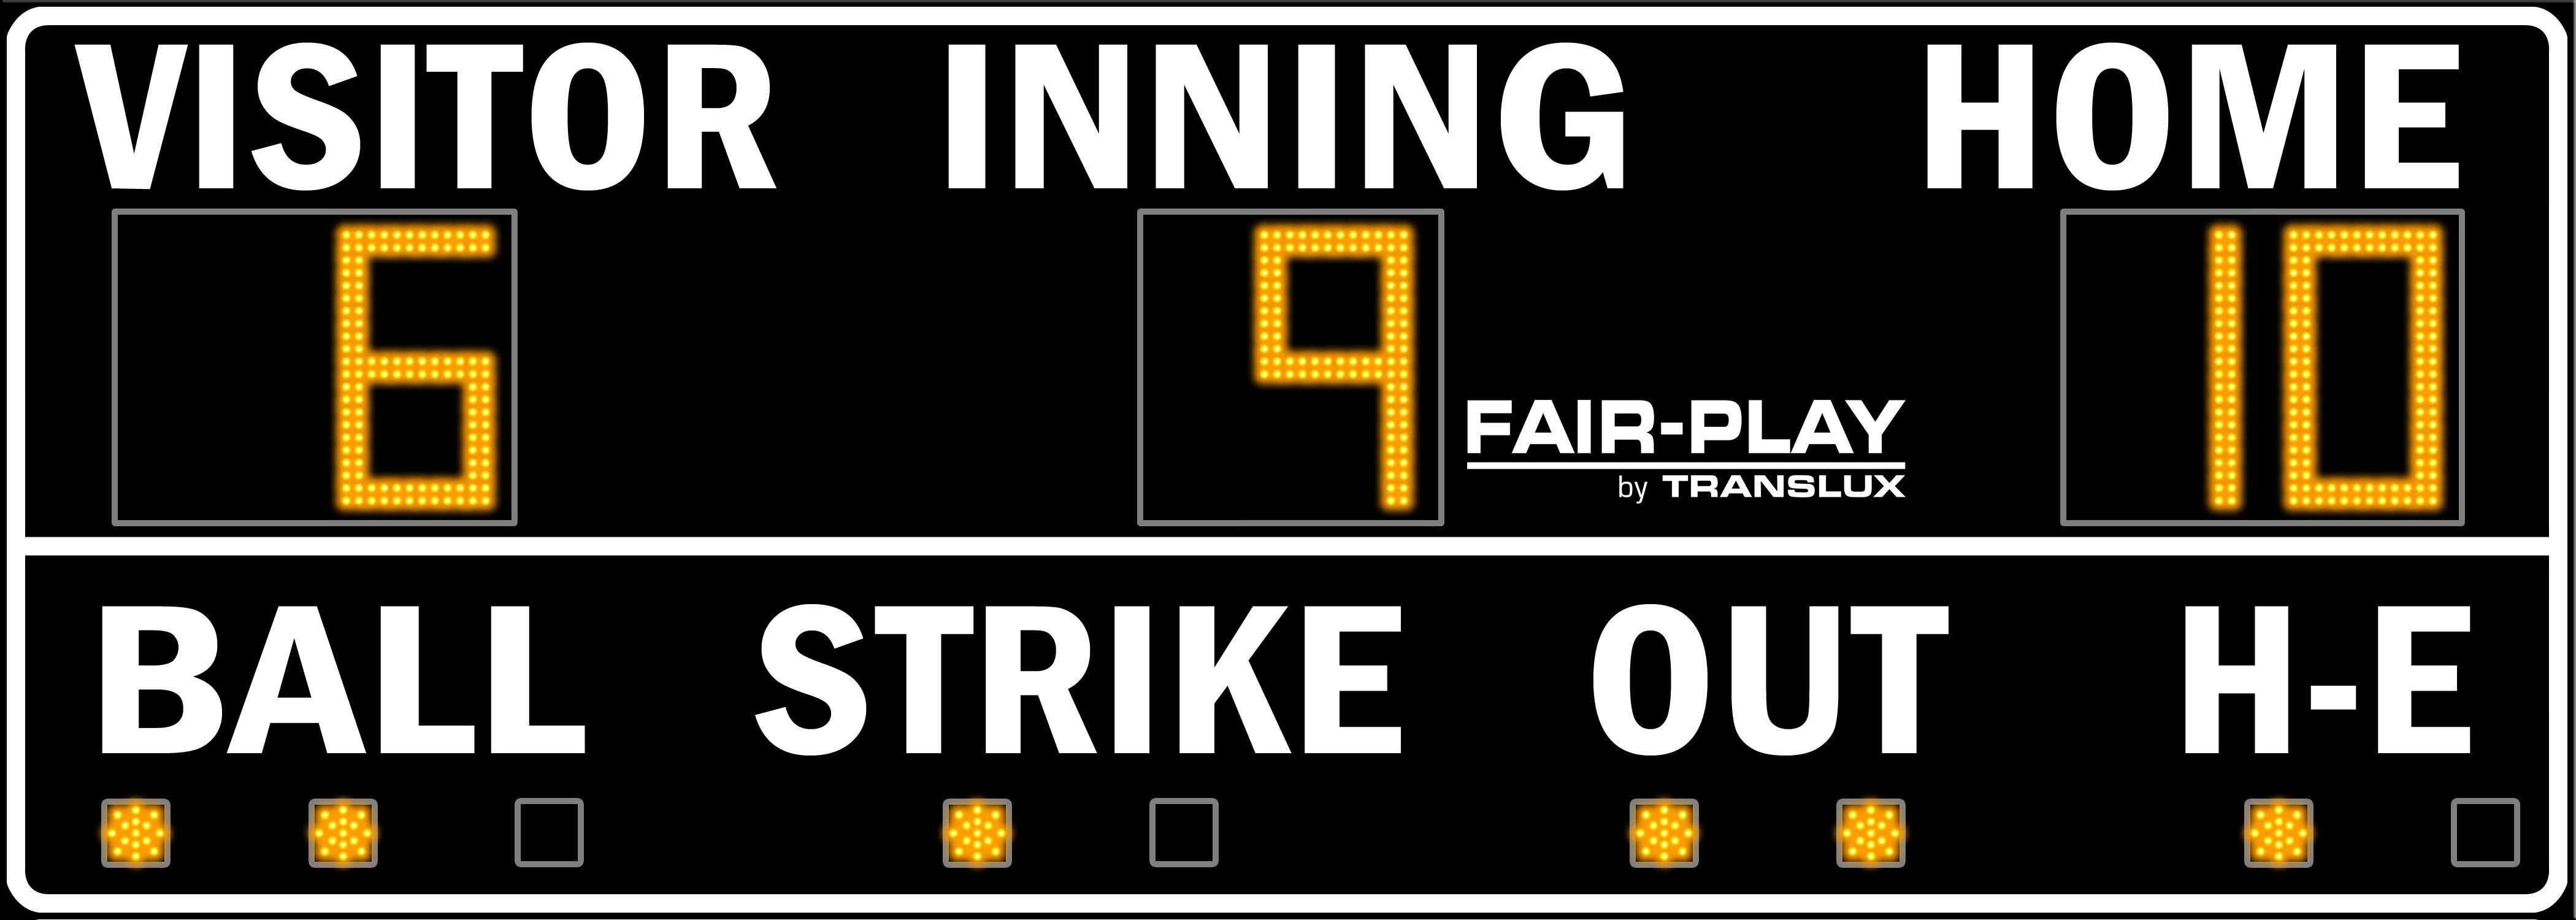 Fair-Play BA-7100-2 Baseball Scoreboard (5′ x 14′)